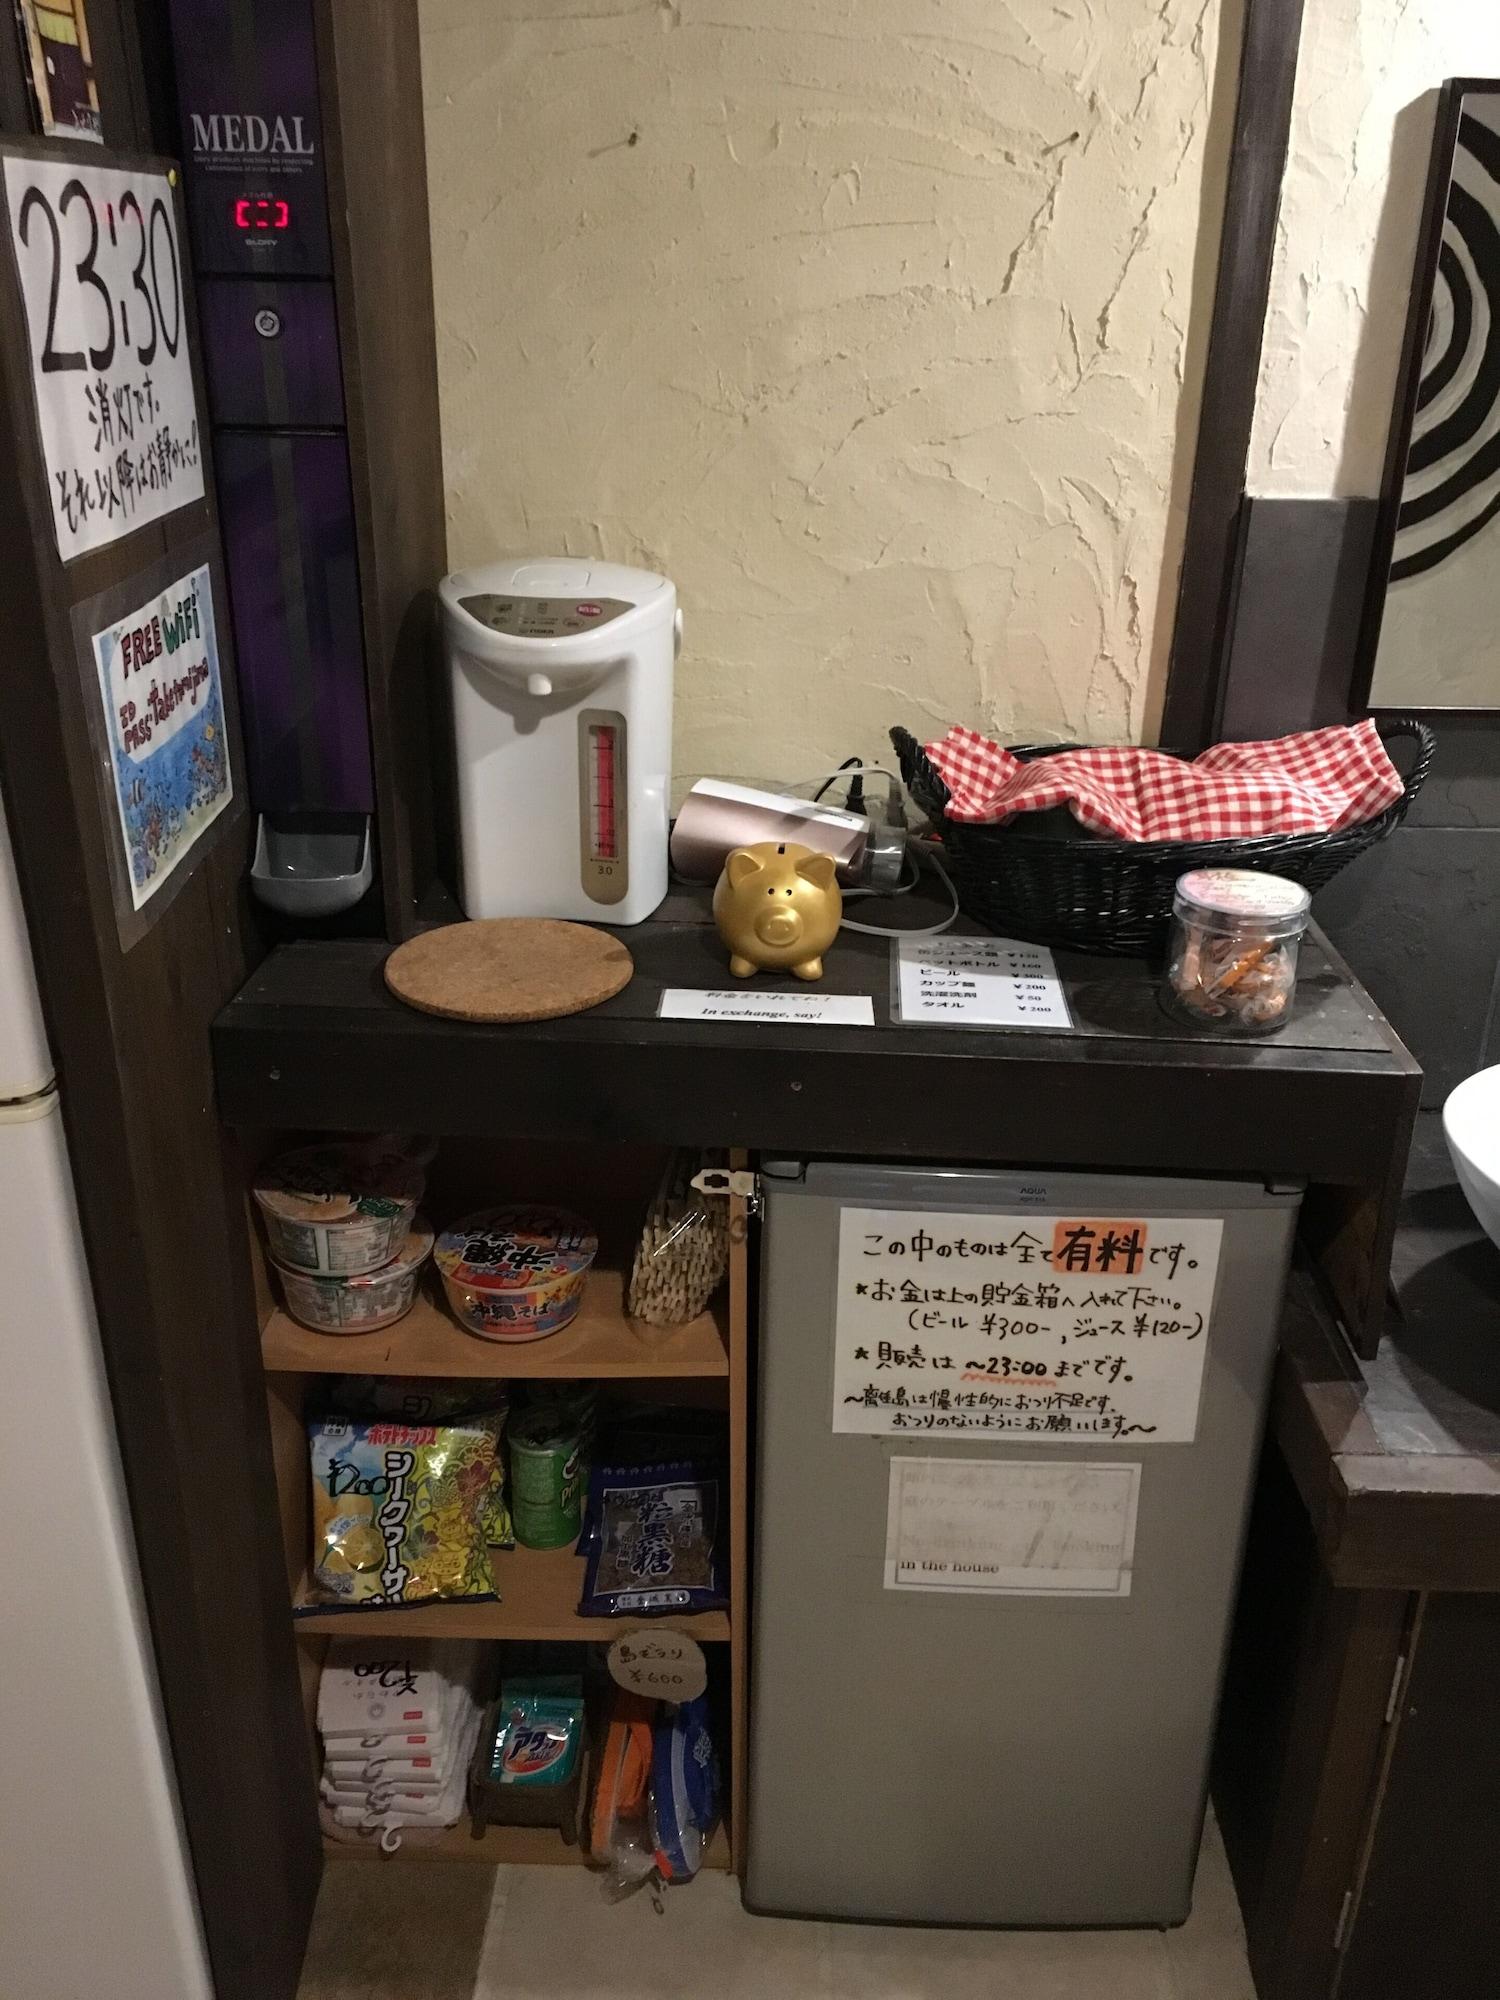 Taketomi-jima Guesthouse & Jetaime - Hostel, Taketomi